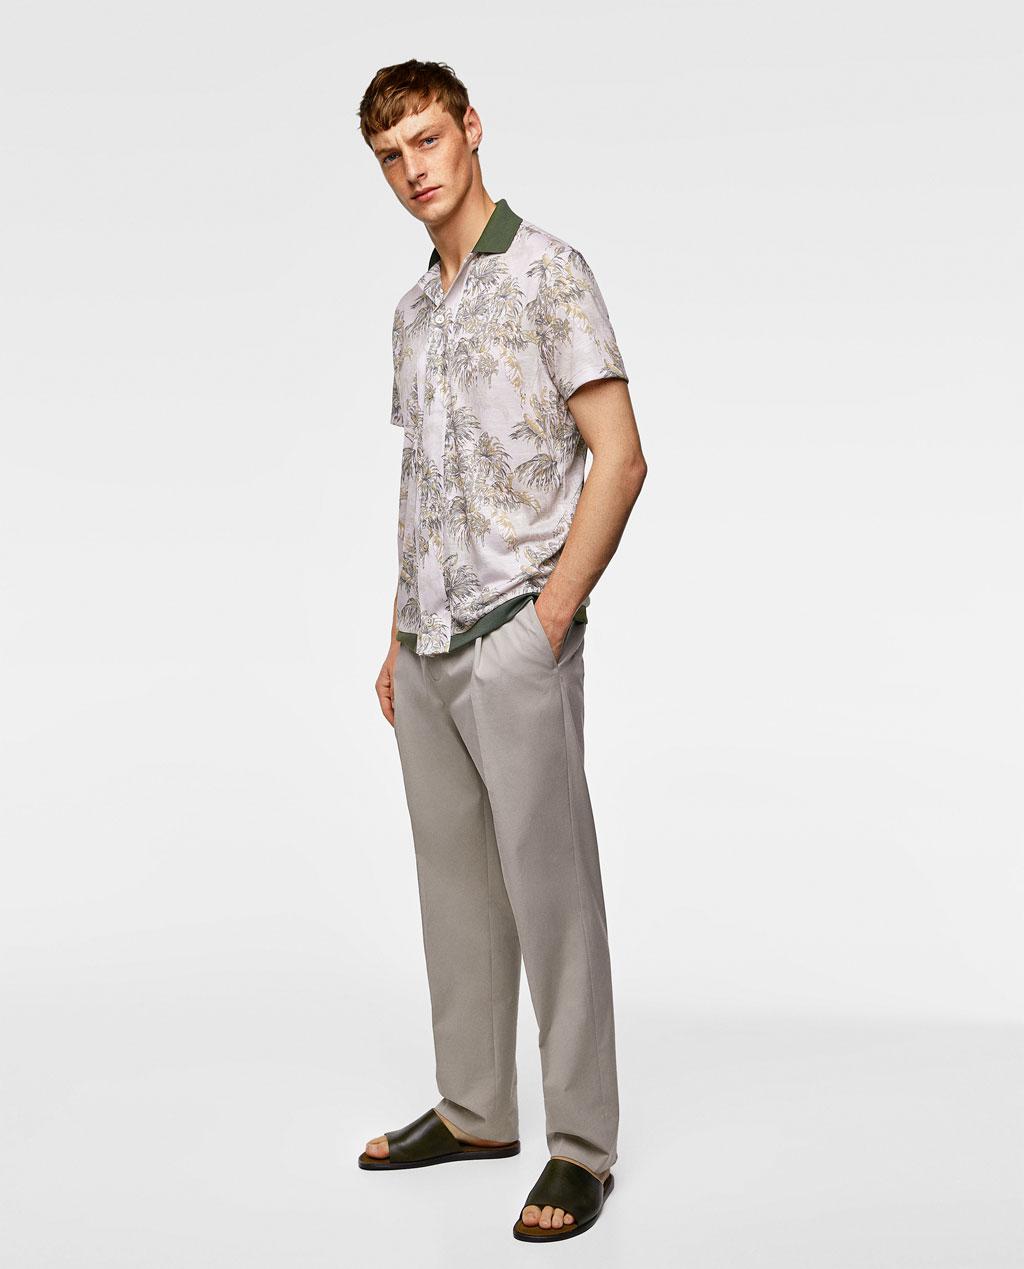 Thời trang nam Zara  24025 - ảnh 3